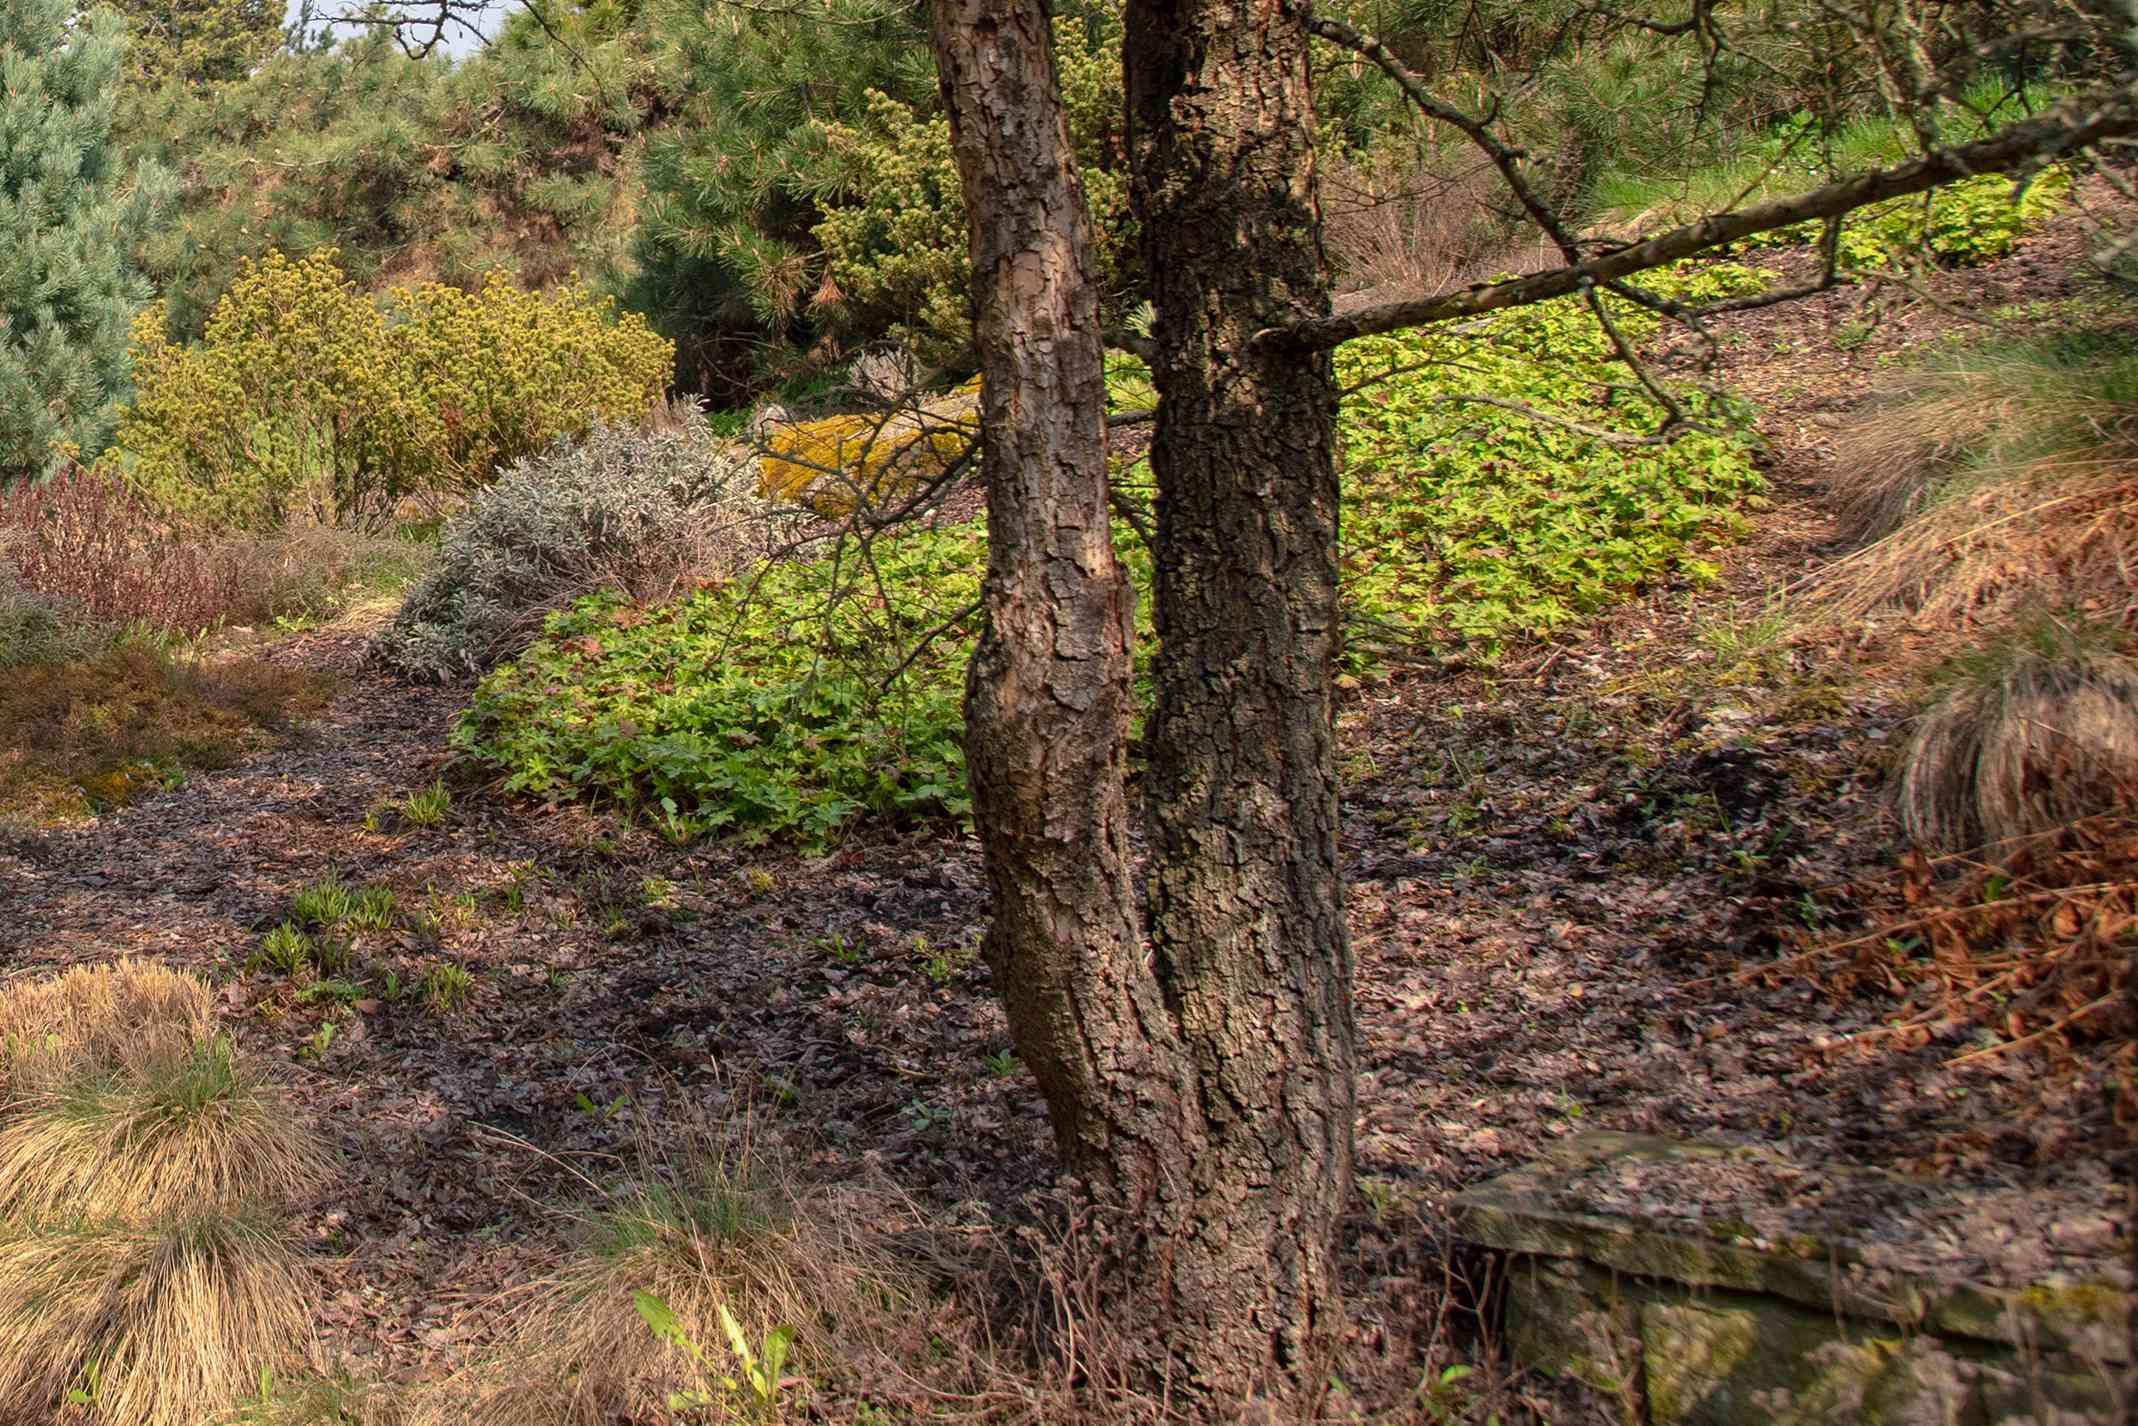 Lacebark elm tree with exfoliating bark patterns